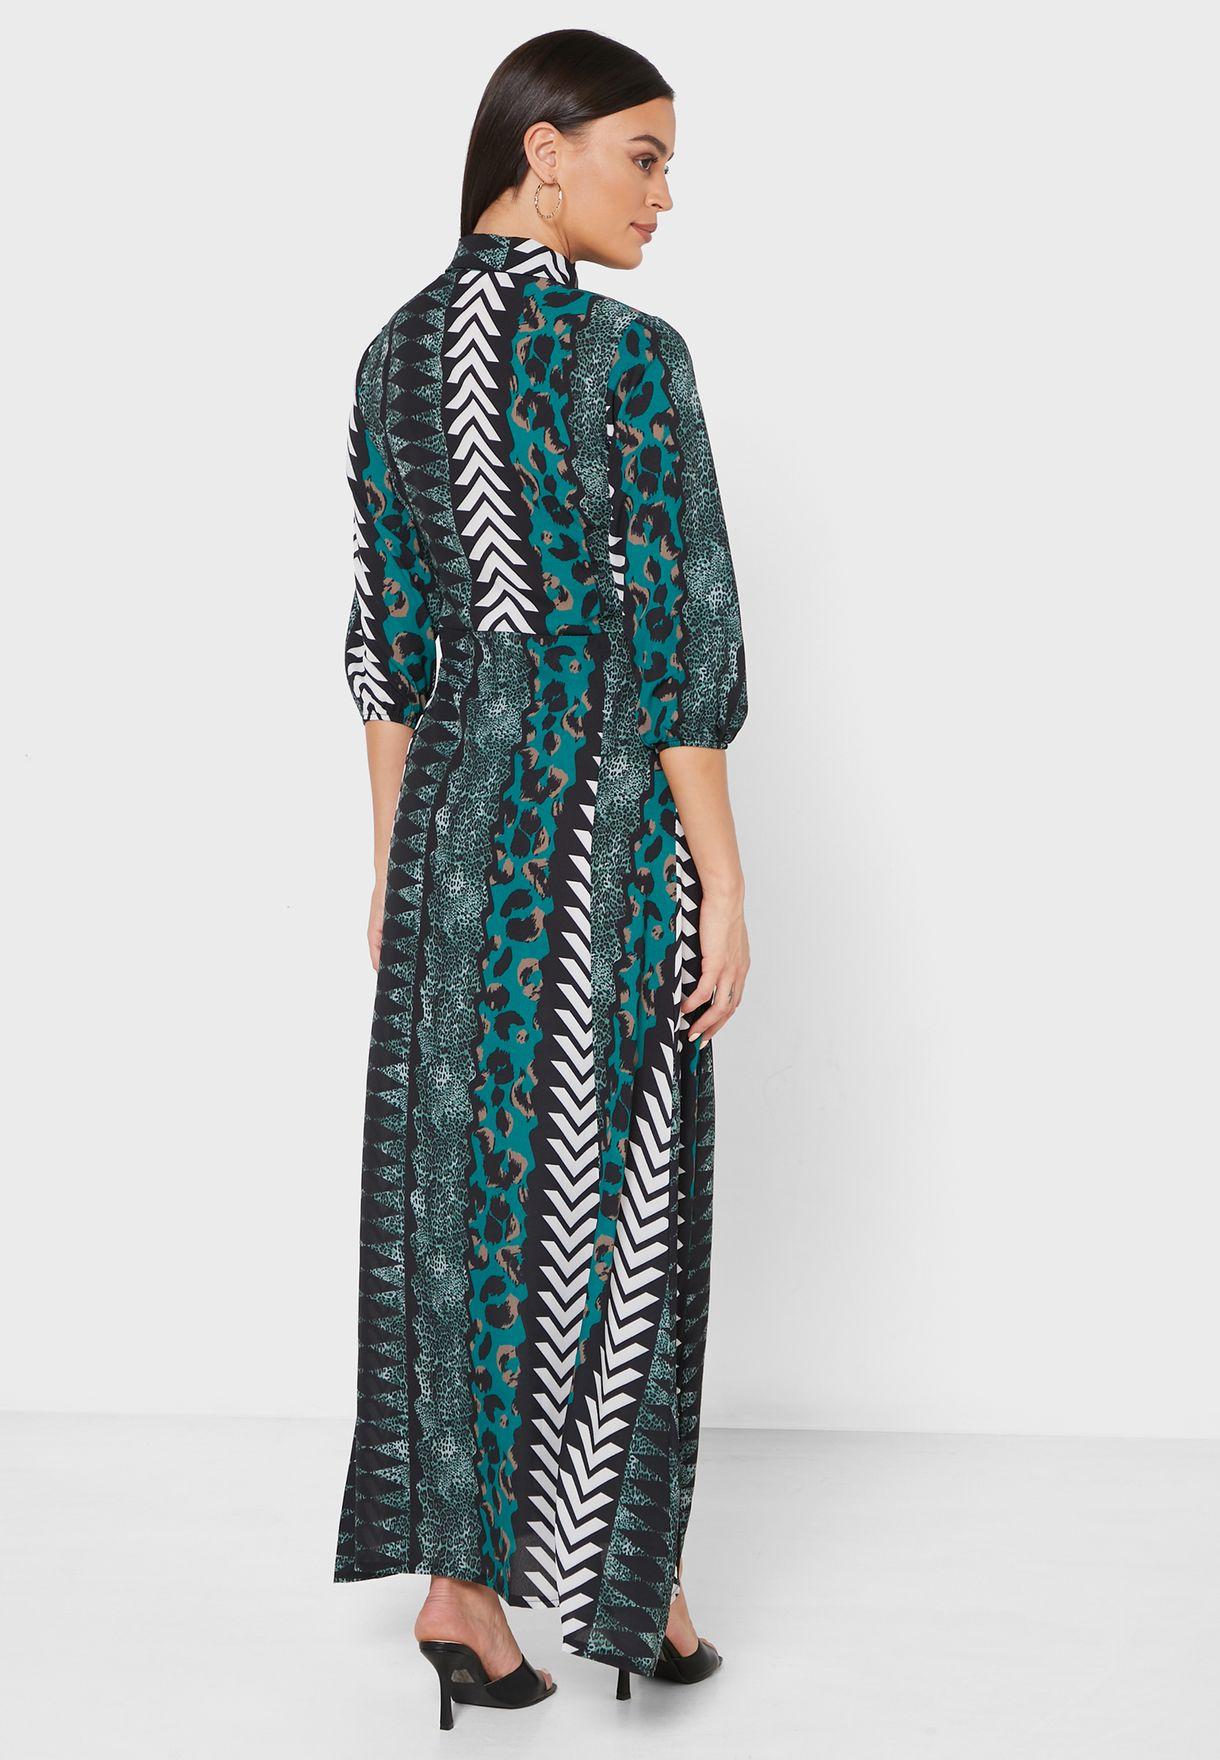 فستان مكسي بنمط قميص مع طبعات